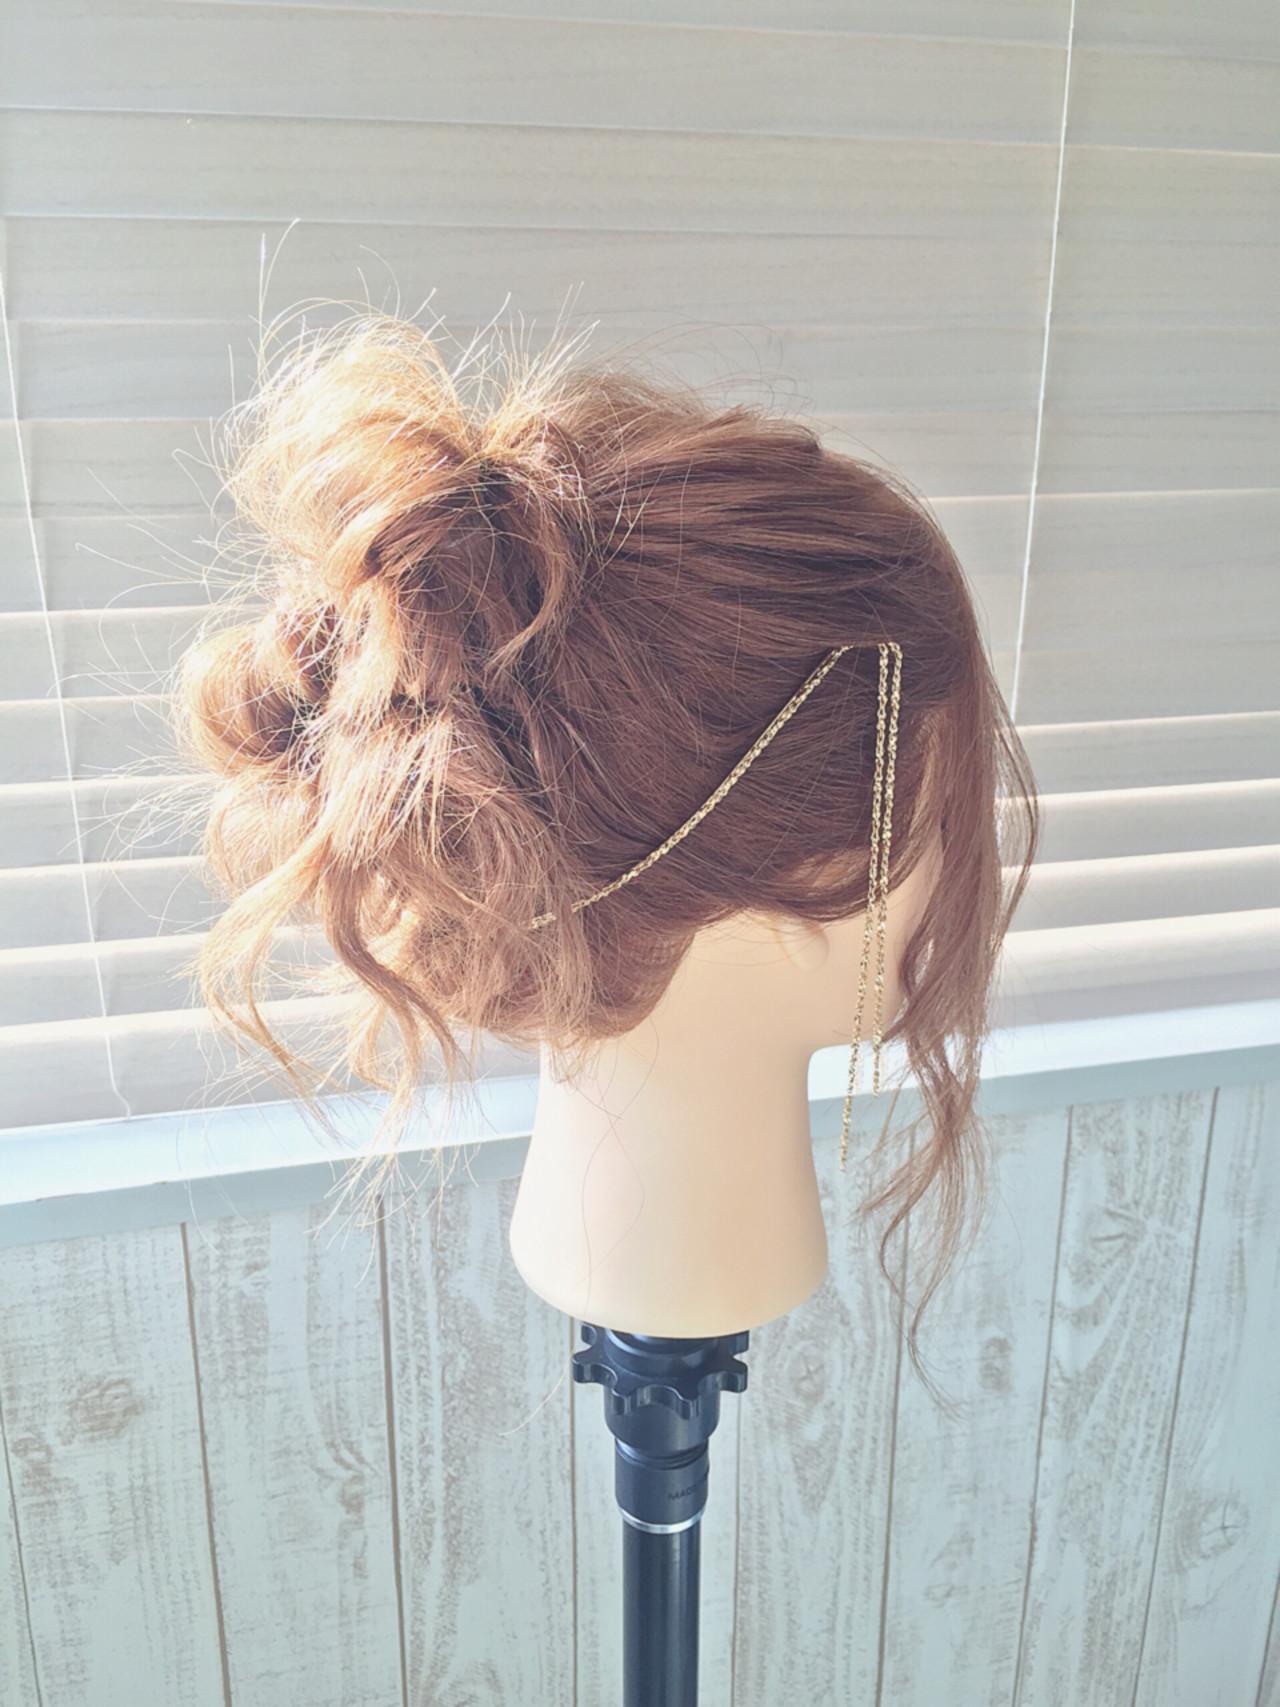 オシャレ女子の味方、2大アイテムをご紹介!<バックカチューシャ・三日月コーム> KAUNALOA hair&make